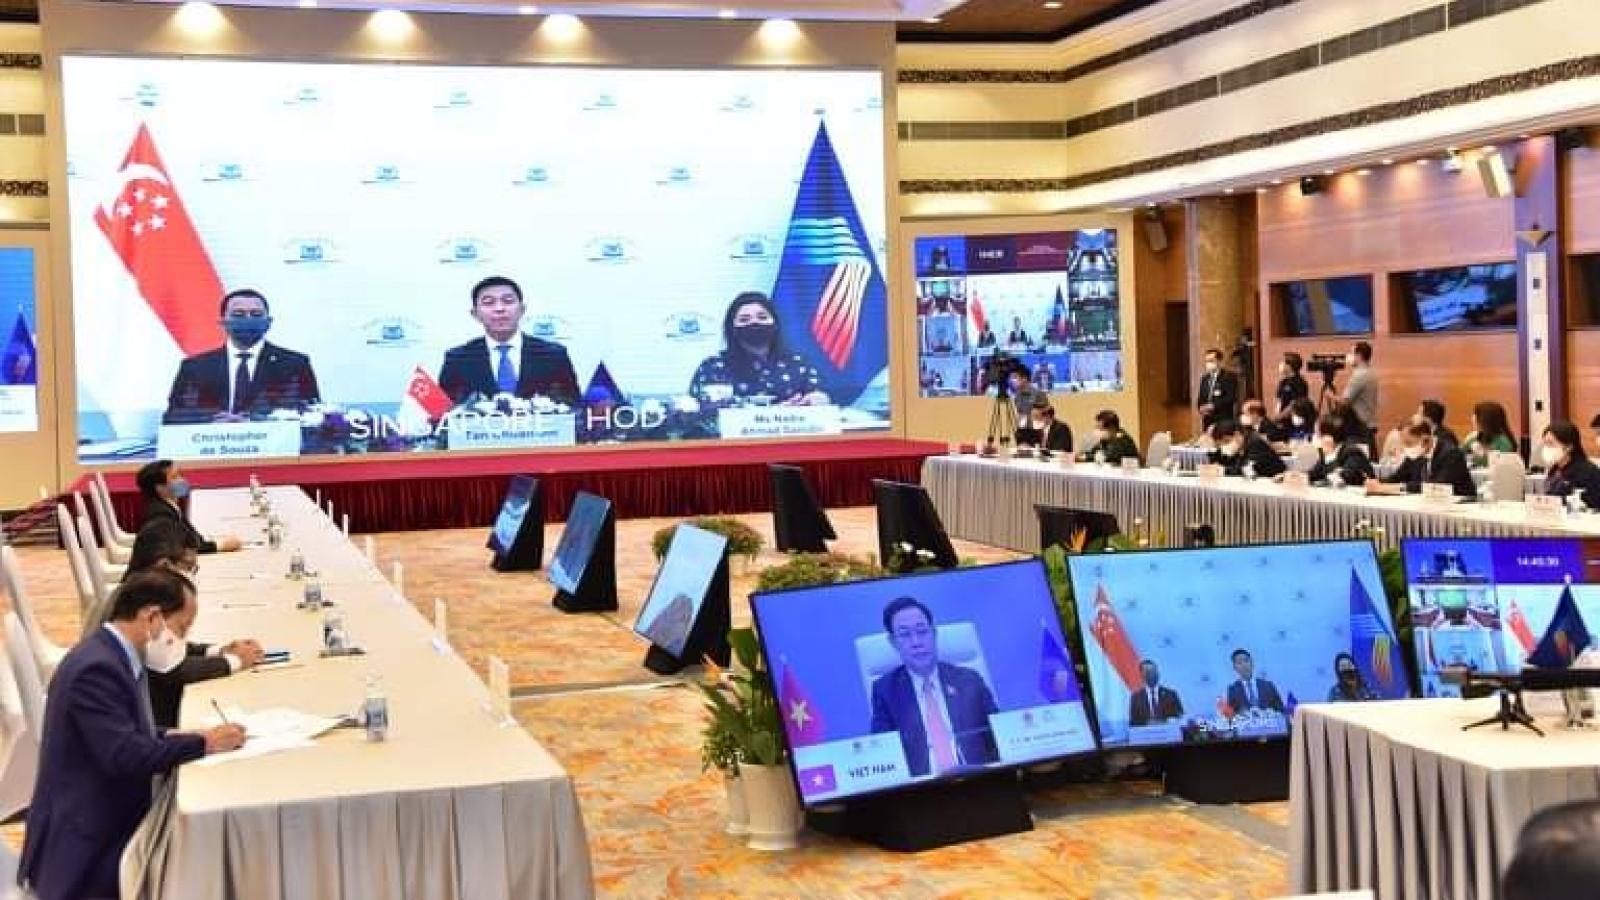 Đại dịch Covid-19 là phép thử sự vững chắc và phát triển của ASEAN